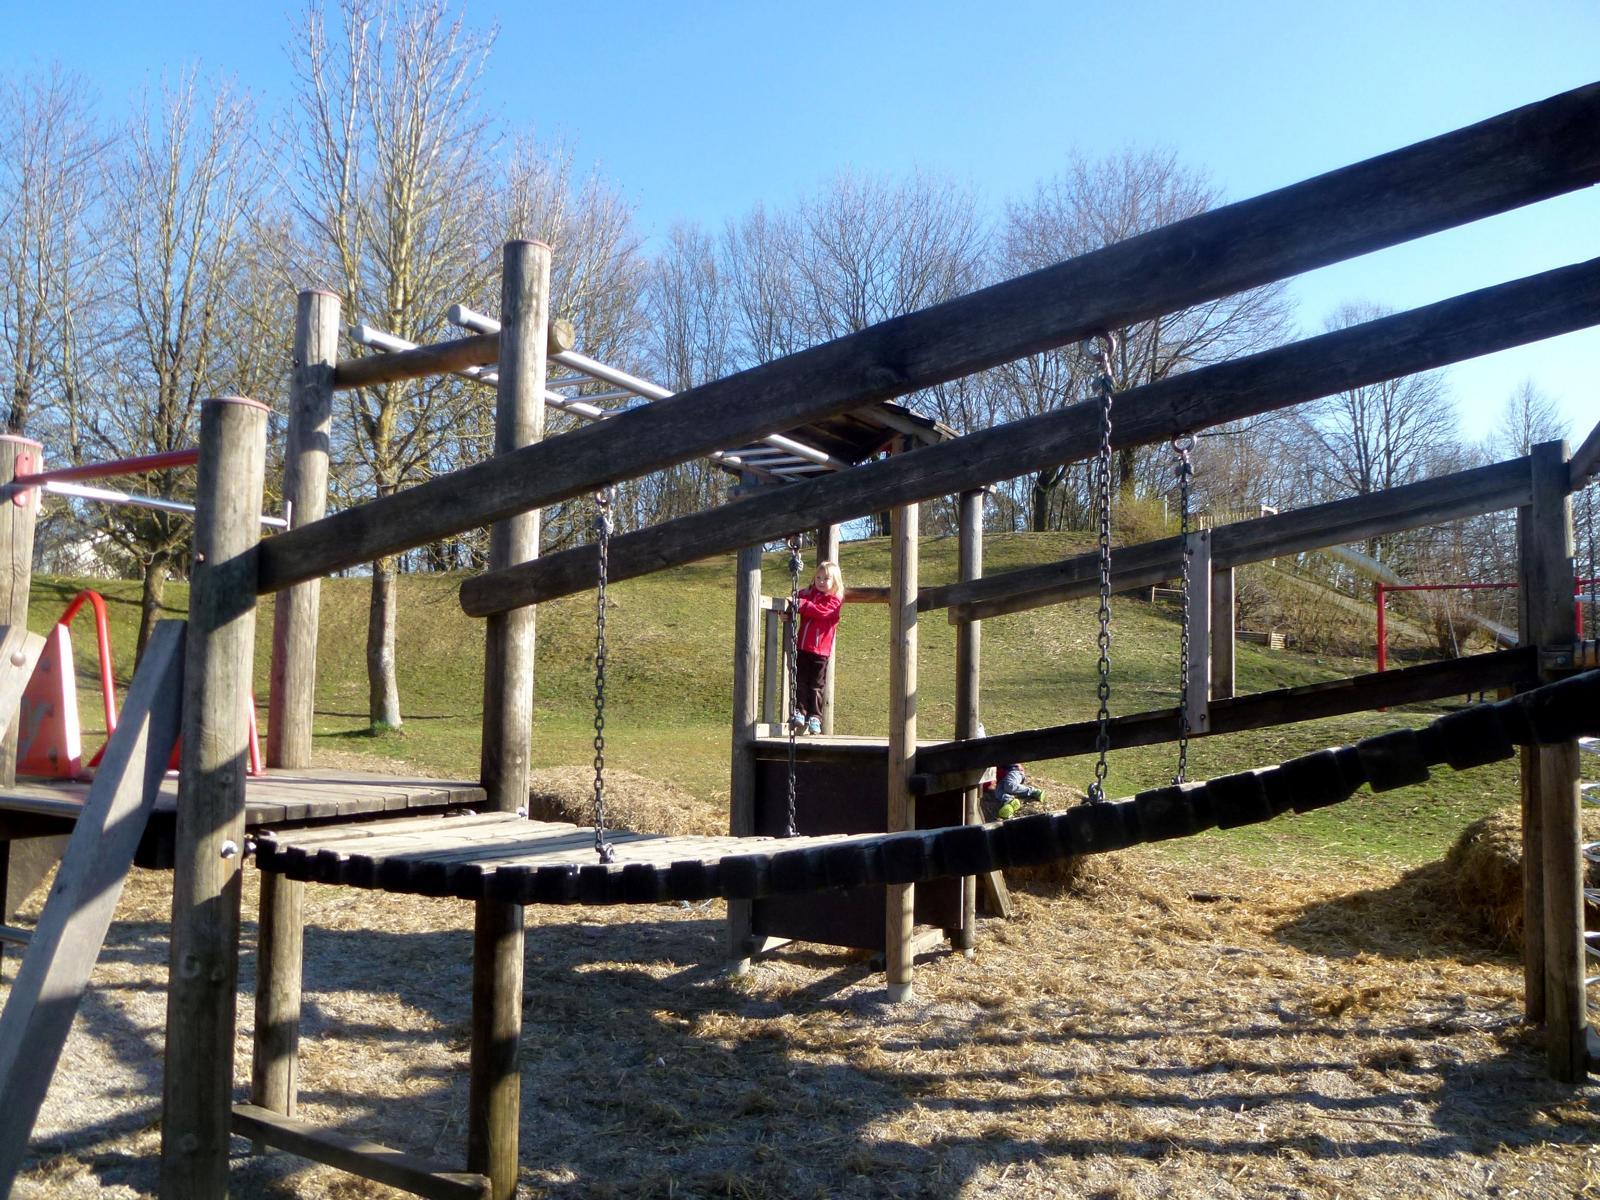 Klettergerüst Dreieck : Klettergerüst ich spring im dreieck